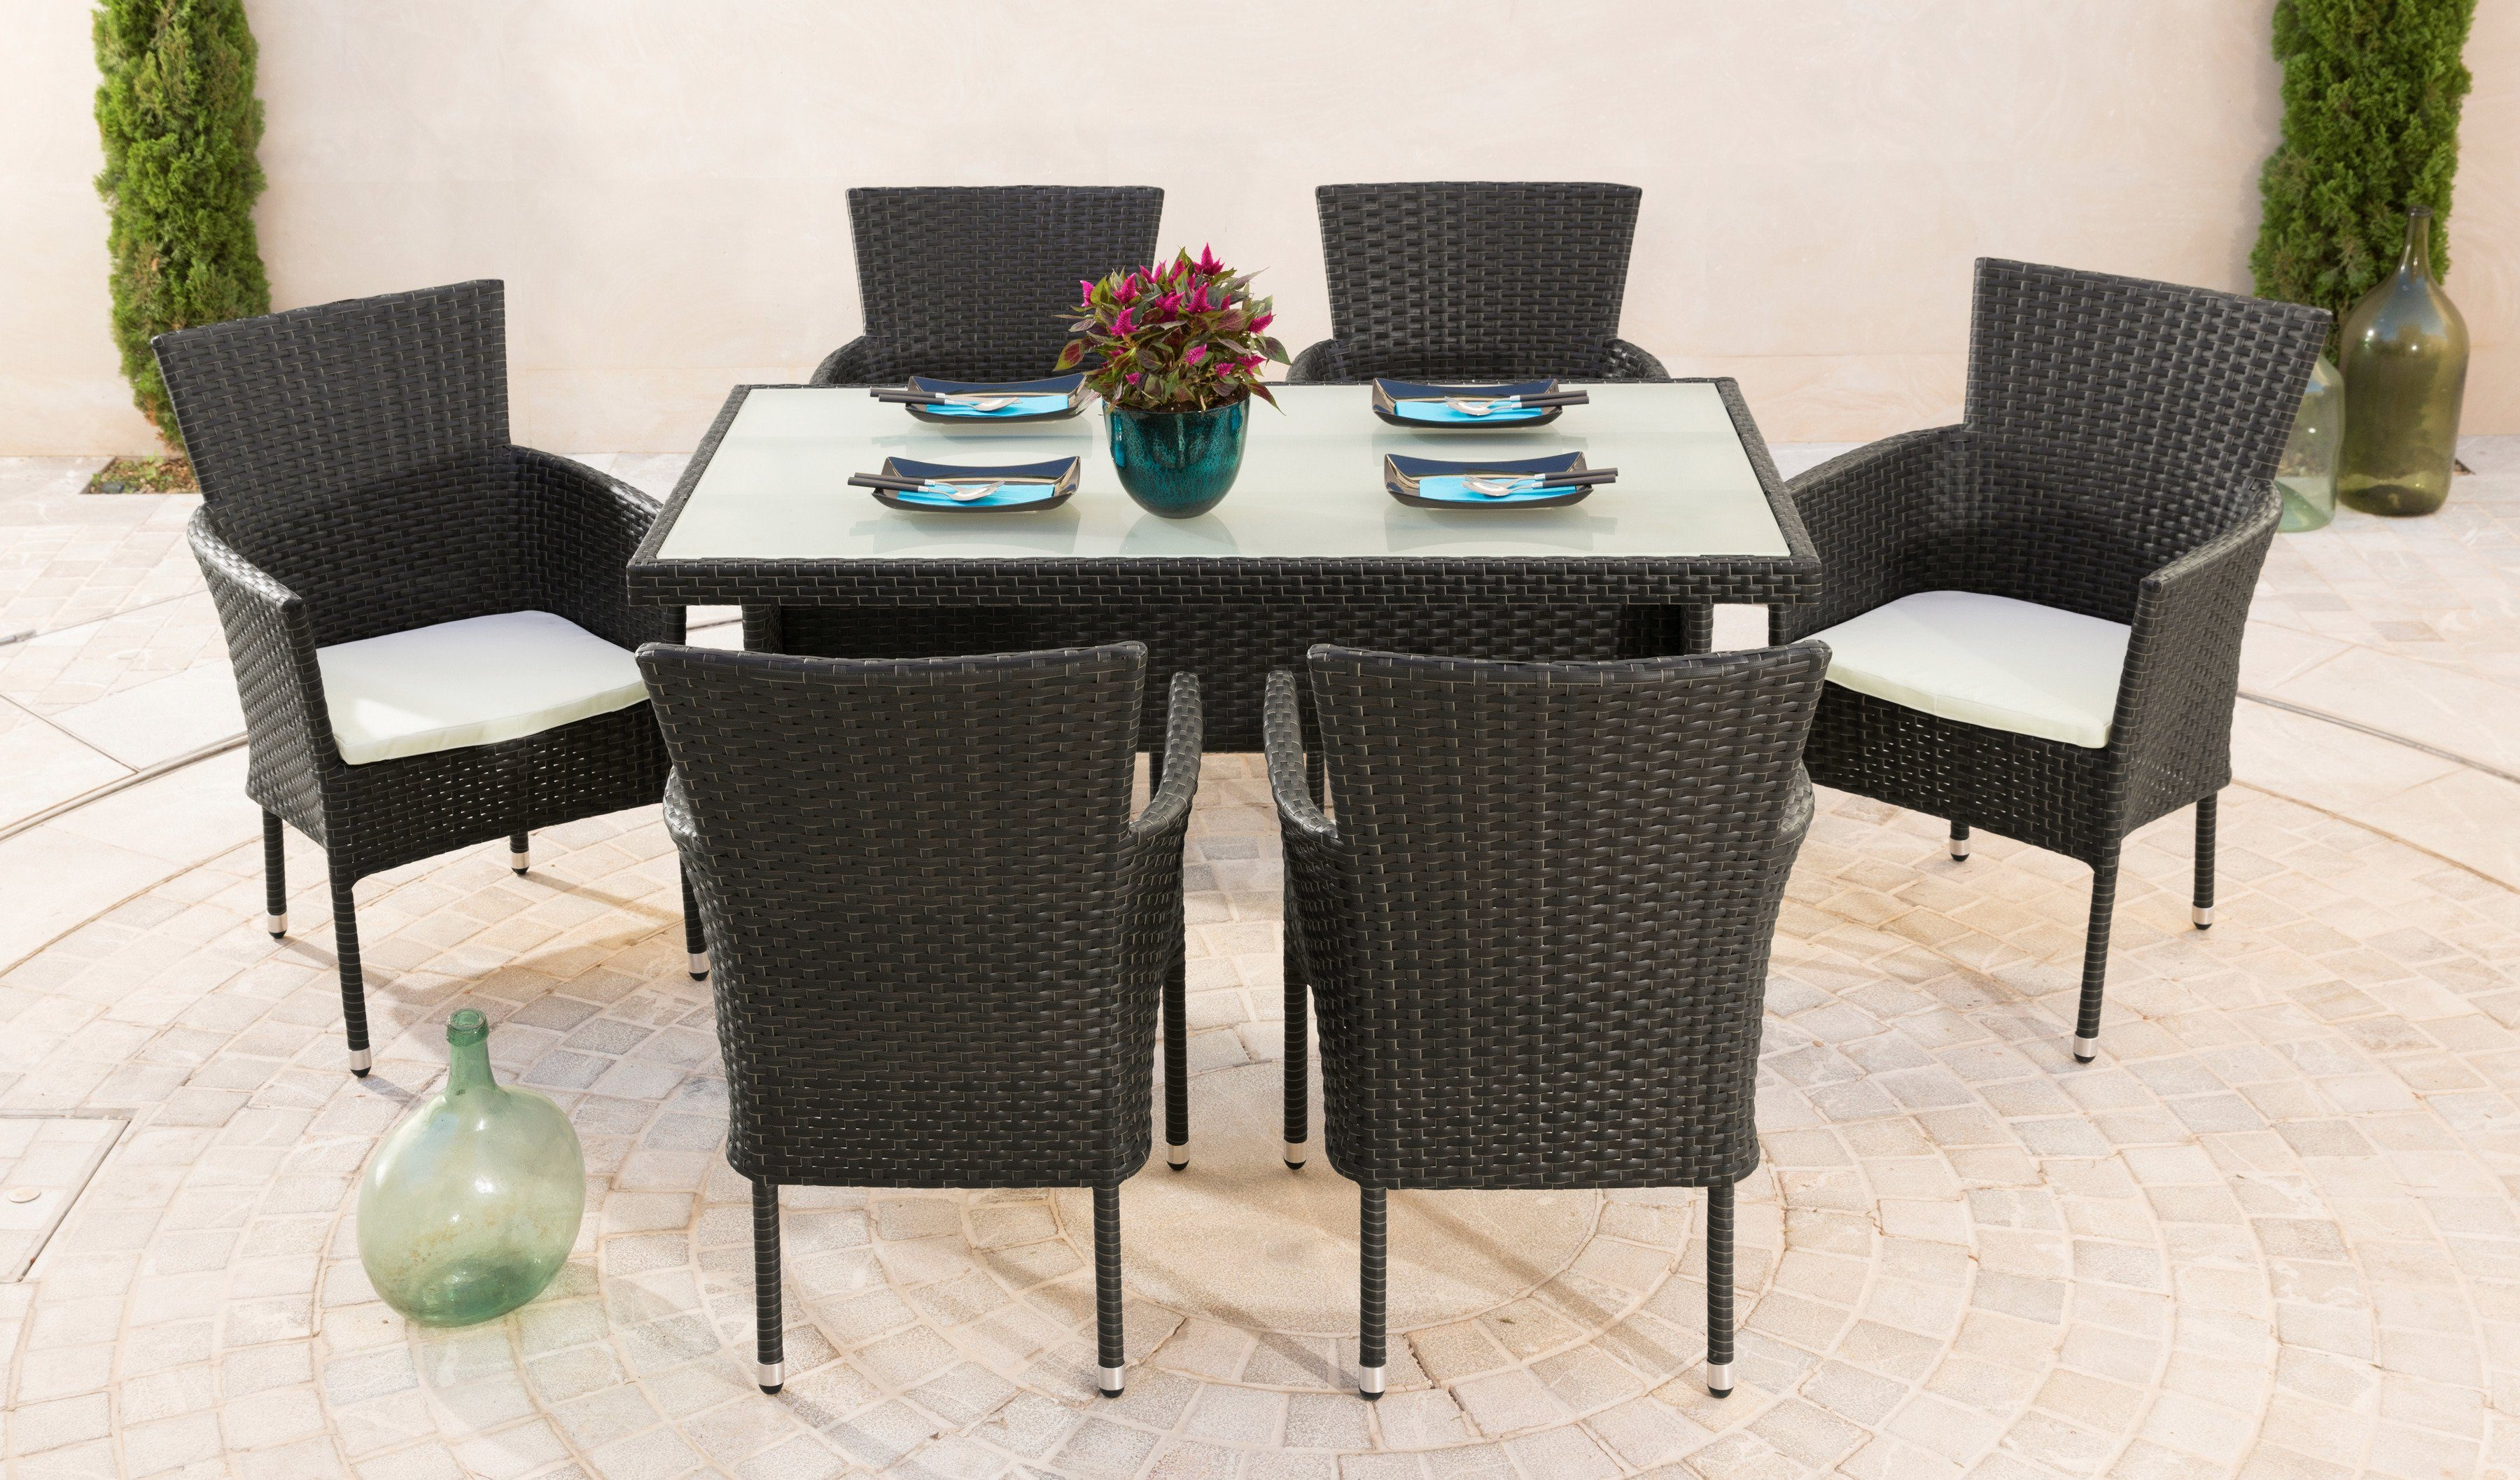 Gartenmobel Holz Tisch Rund : 13tgl Gartenmöbelset »Trentino«, 6 Sessel, Tisch 140×80 cm